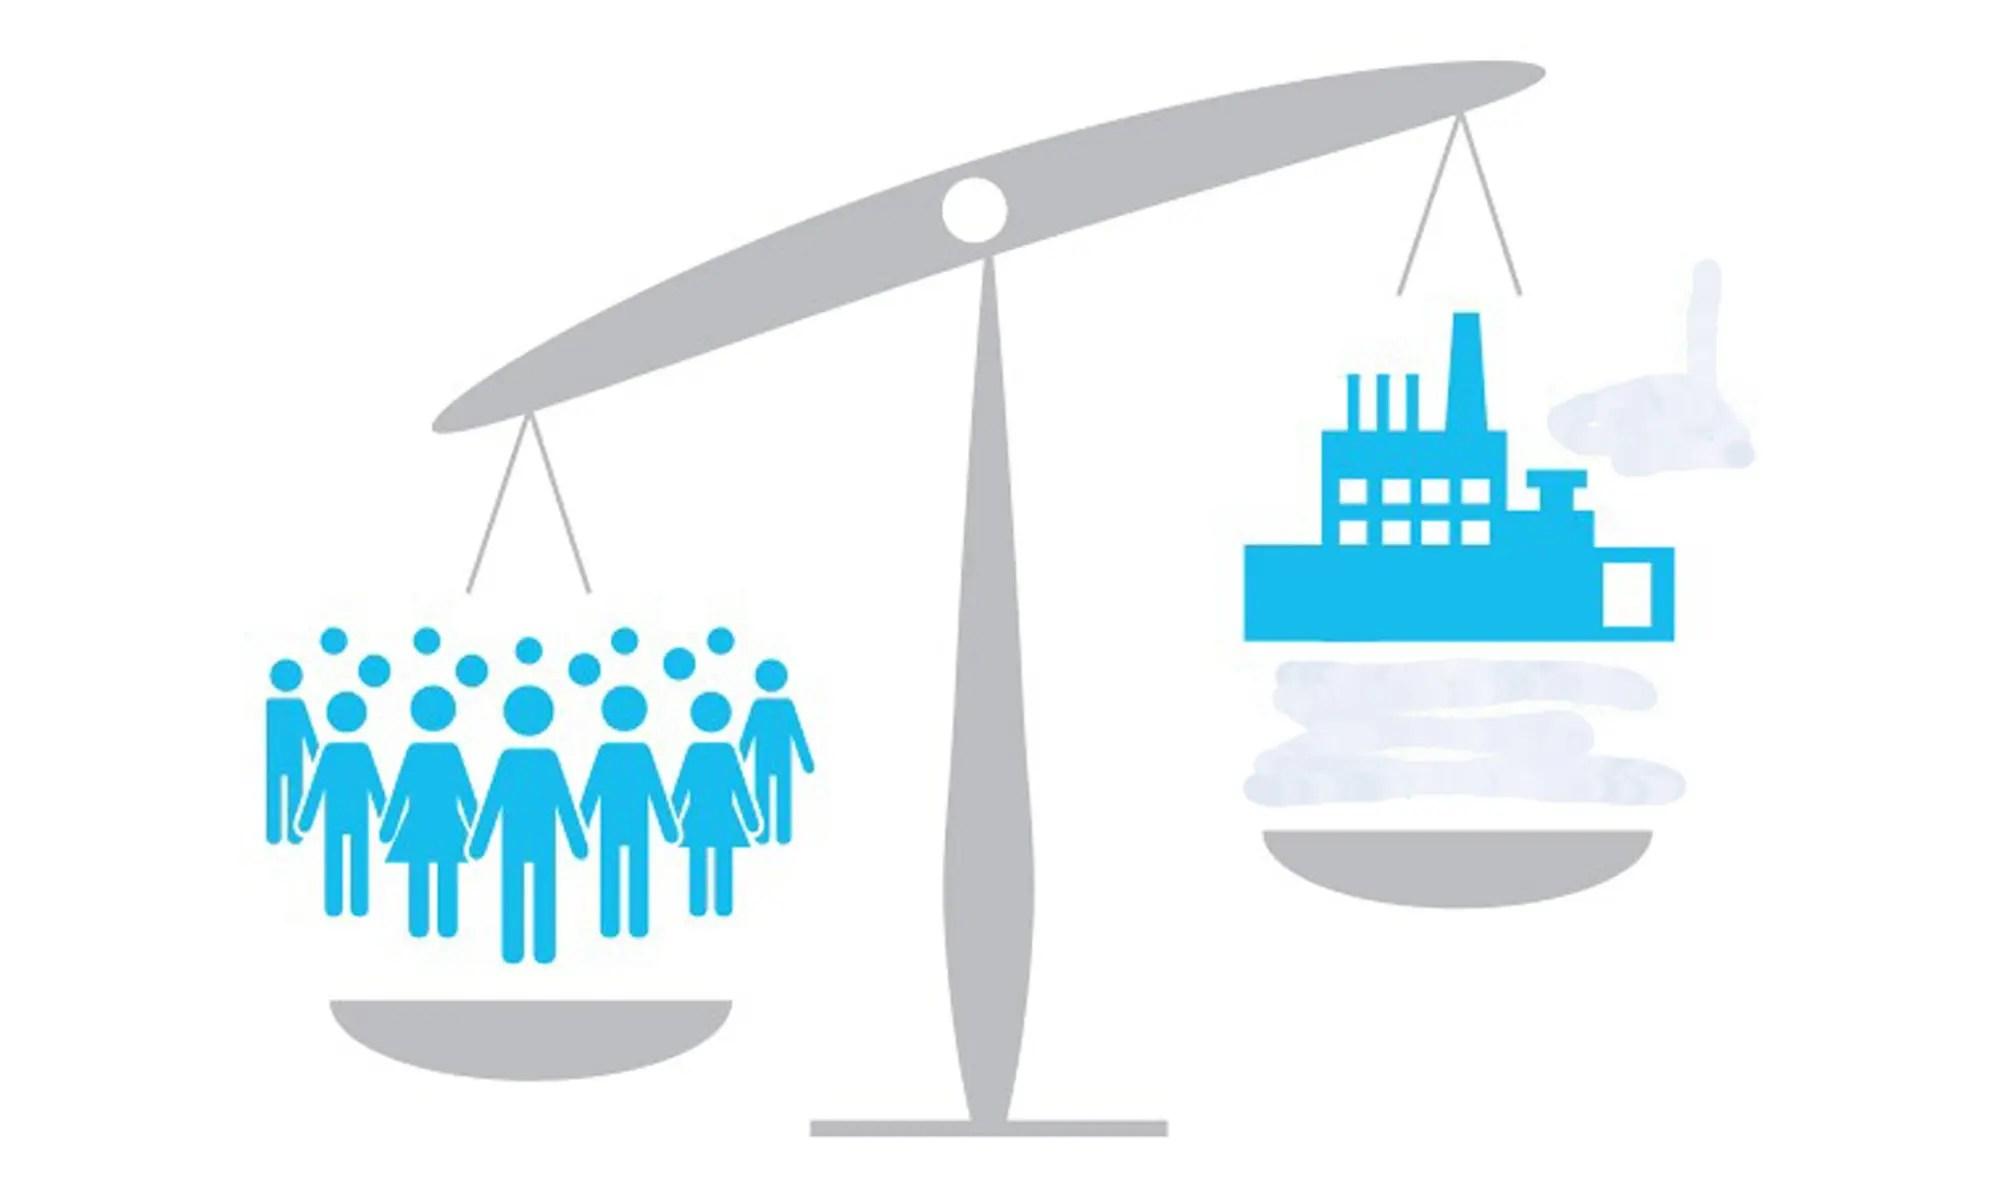 Les actions de groupe et le recours collectif